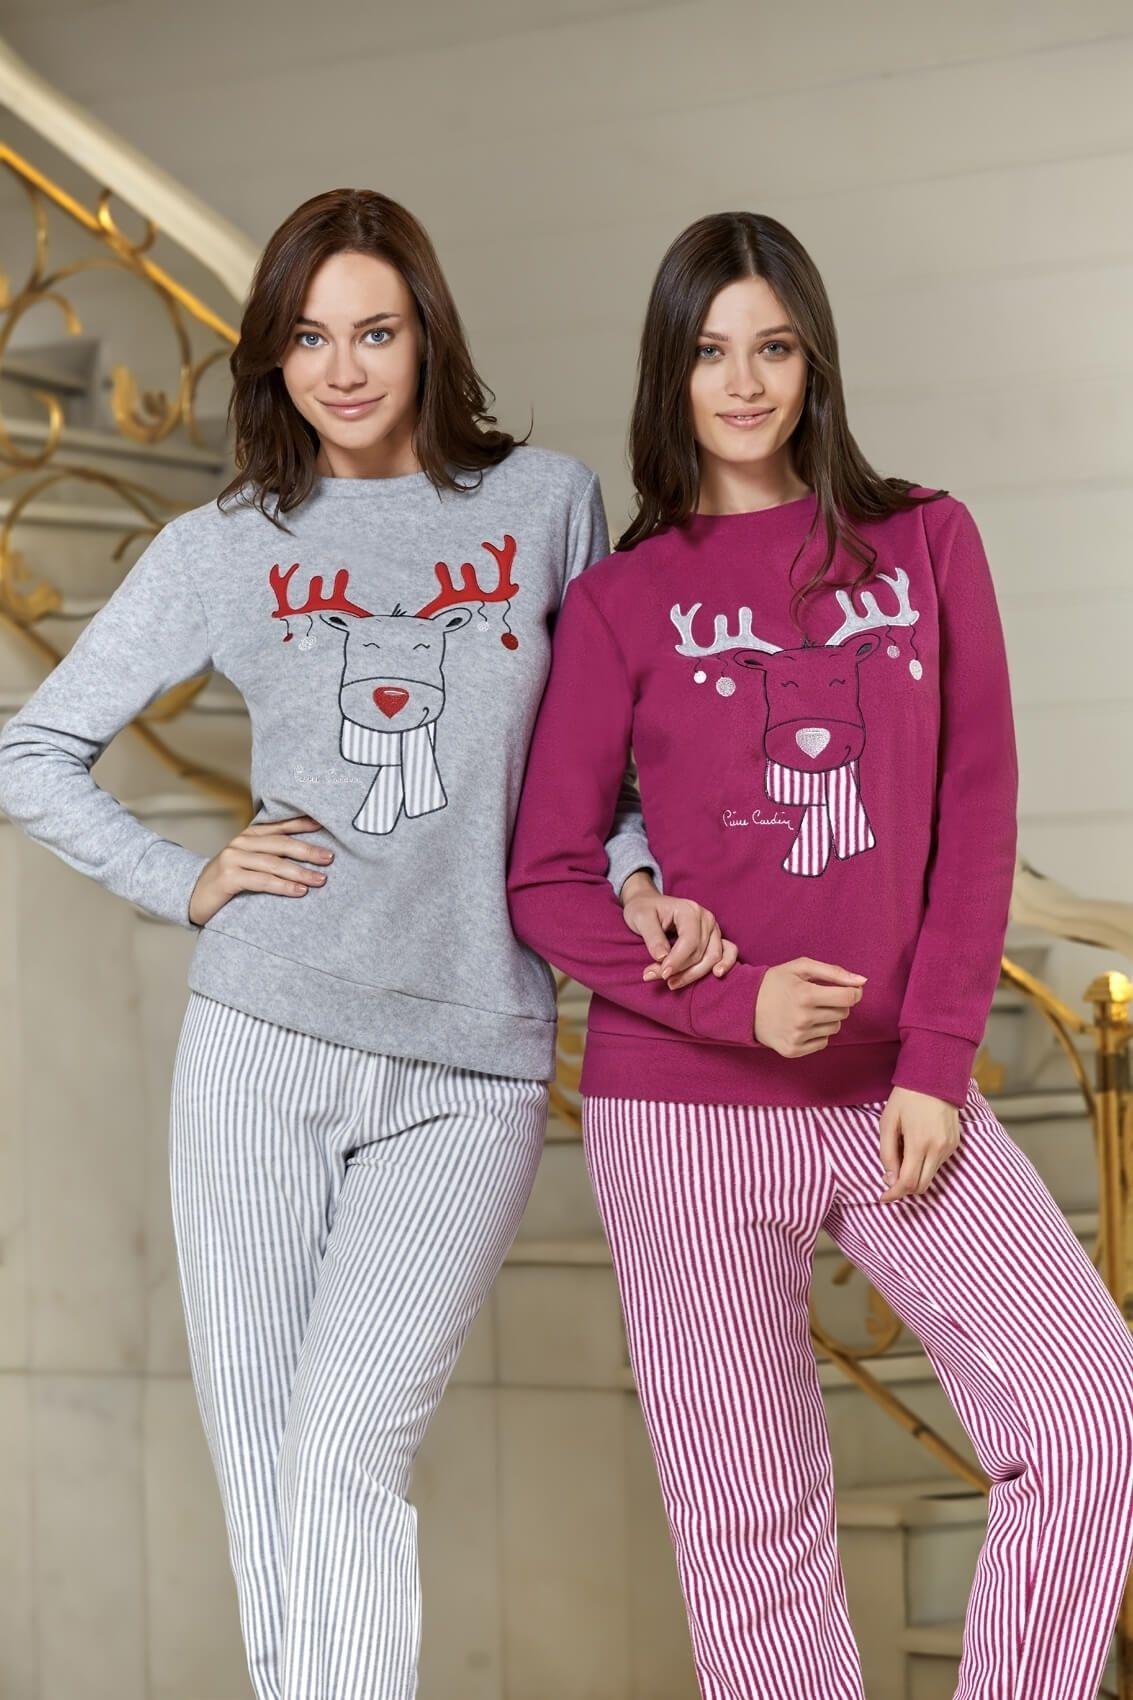 Neseli Bir Yilbasina Ne Dersiniz Pierre Cardin Bayan 9430 Pijama Takim Markhacom Neseligeyikler Yeniyilhediyesi Yeniyilpijama Pijama Pierre Cardin Moda